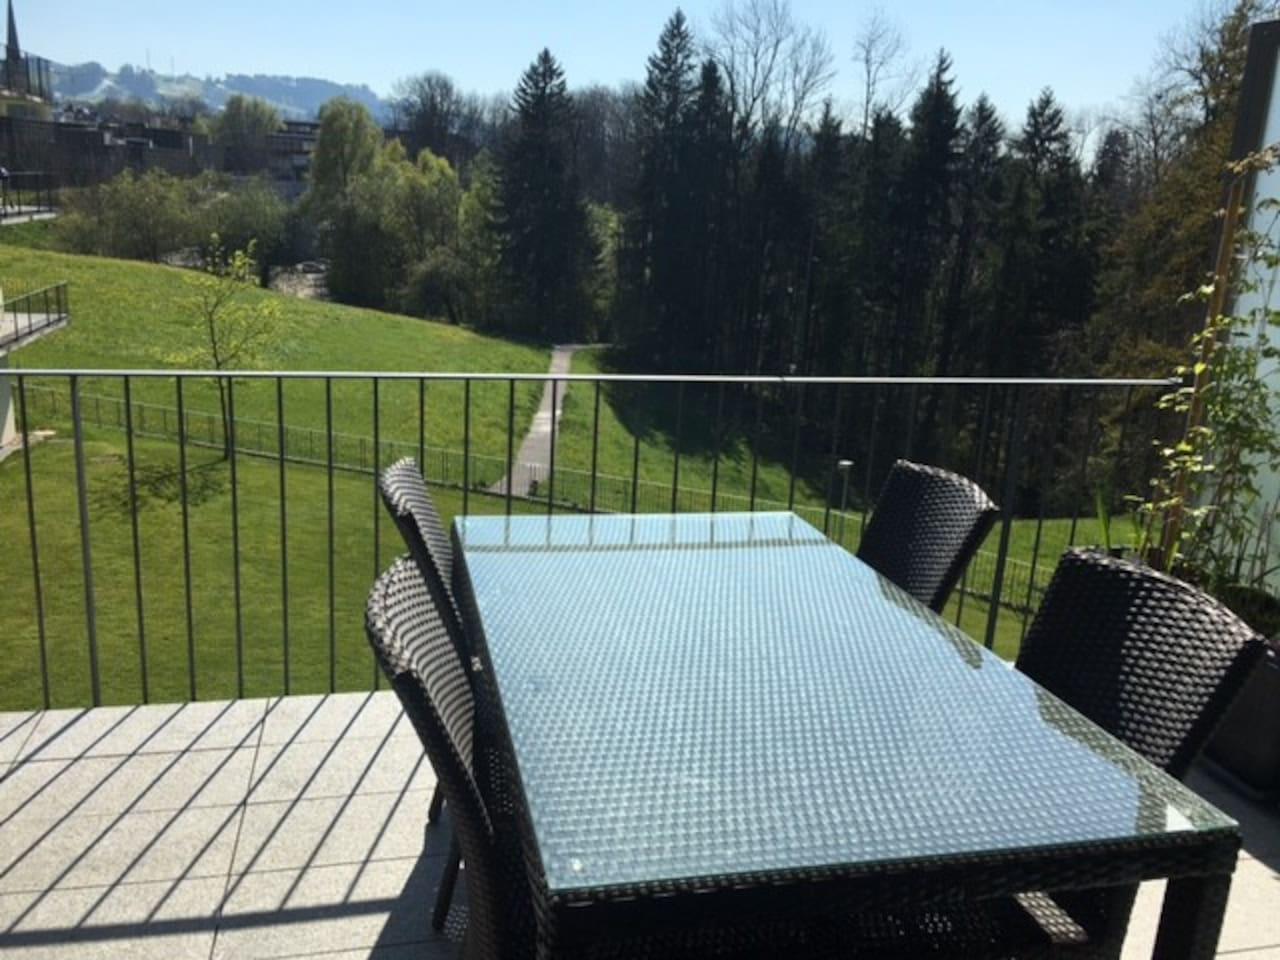 Balkontisch / balcony table